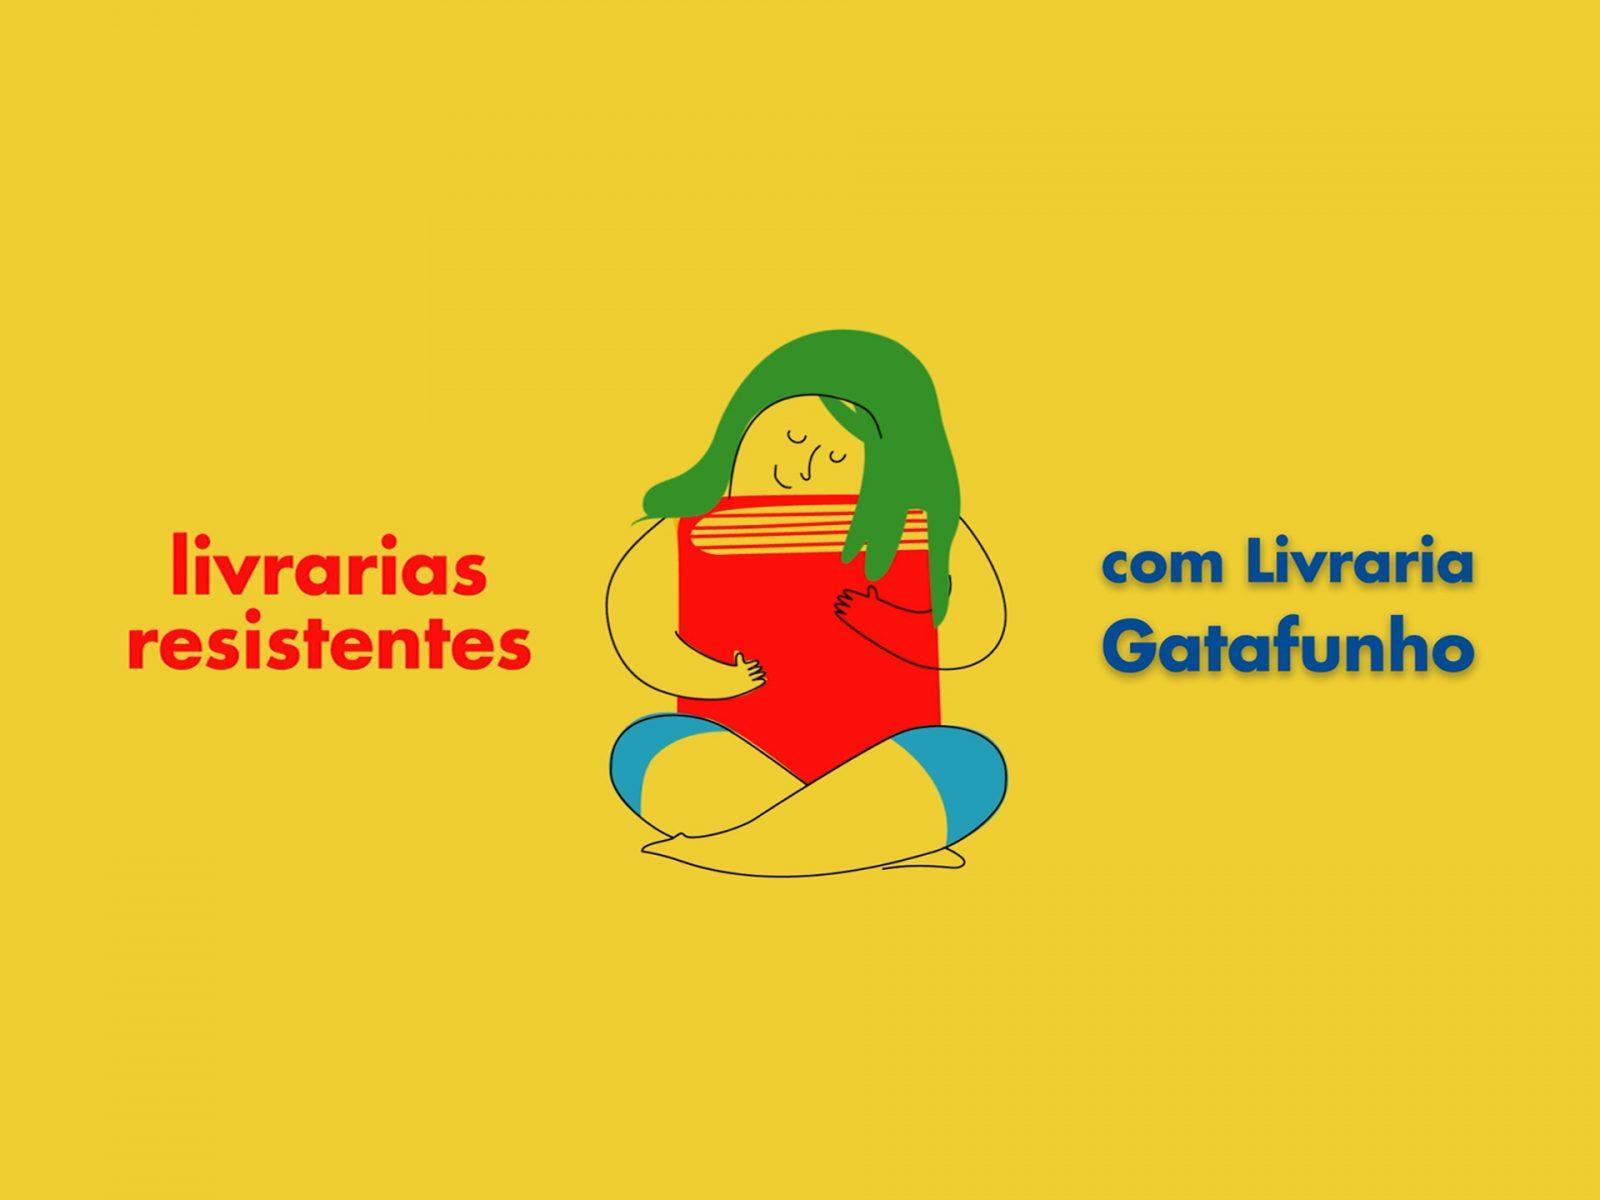 gerador-livrarias-resistentes-livraria-gatafunho